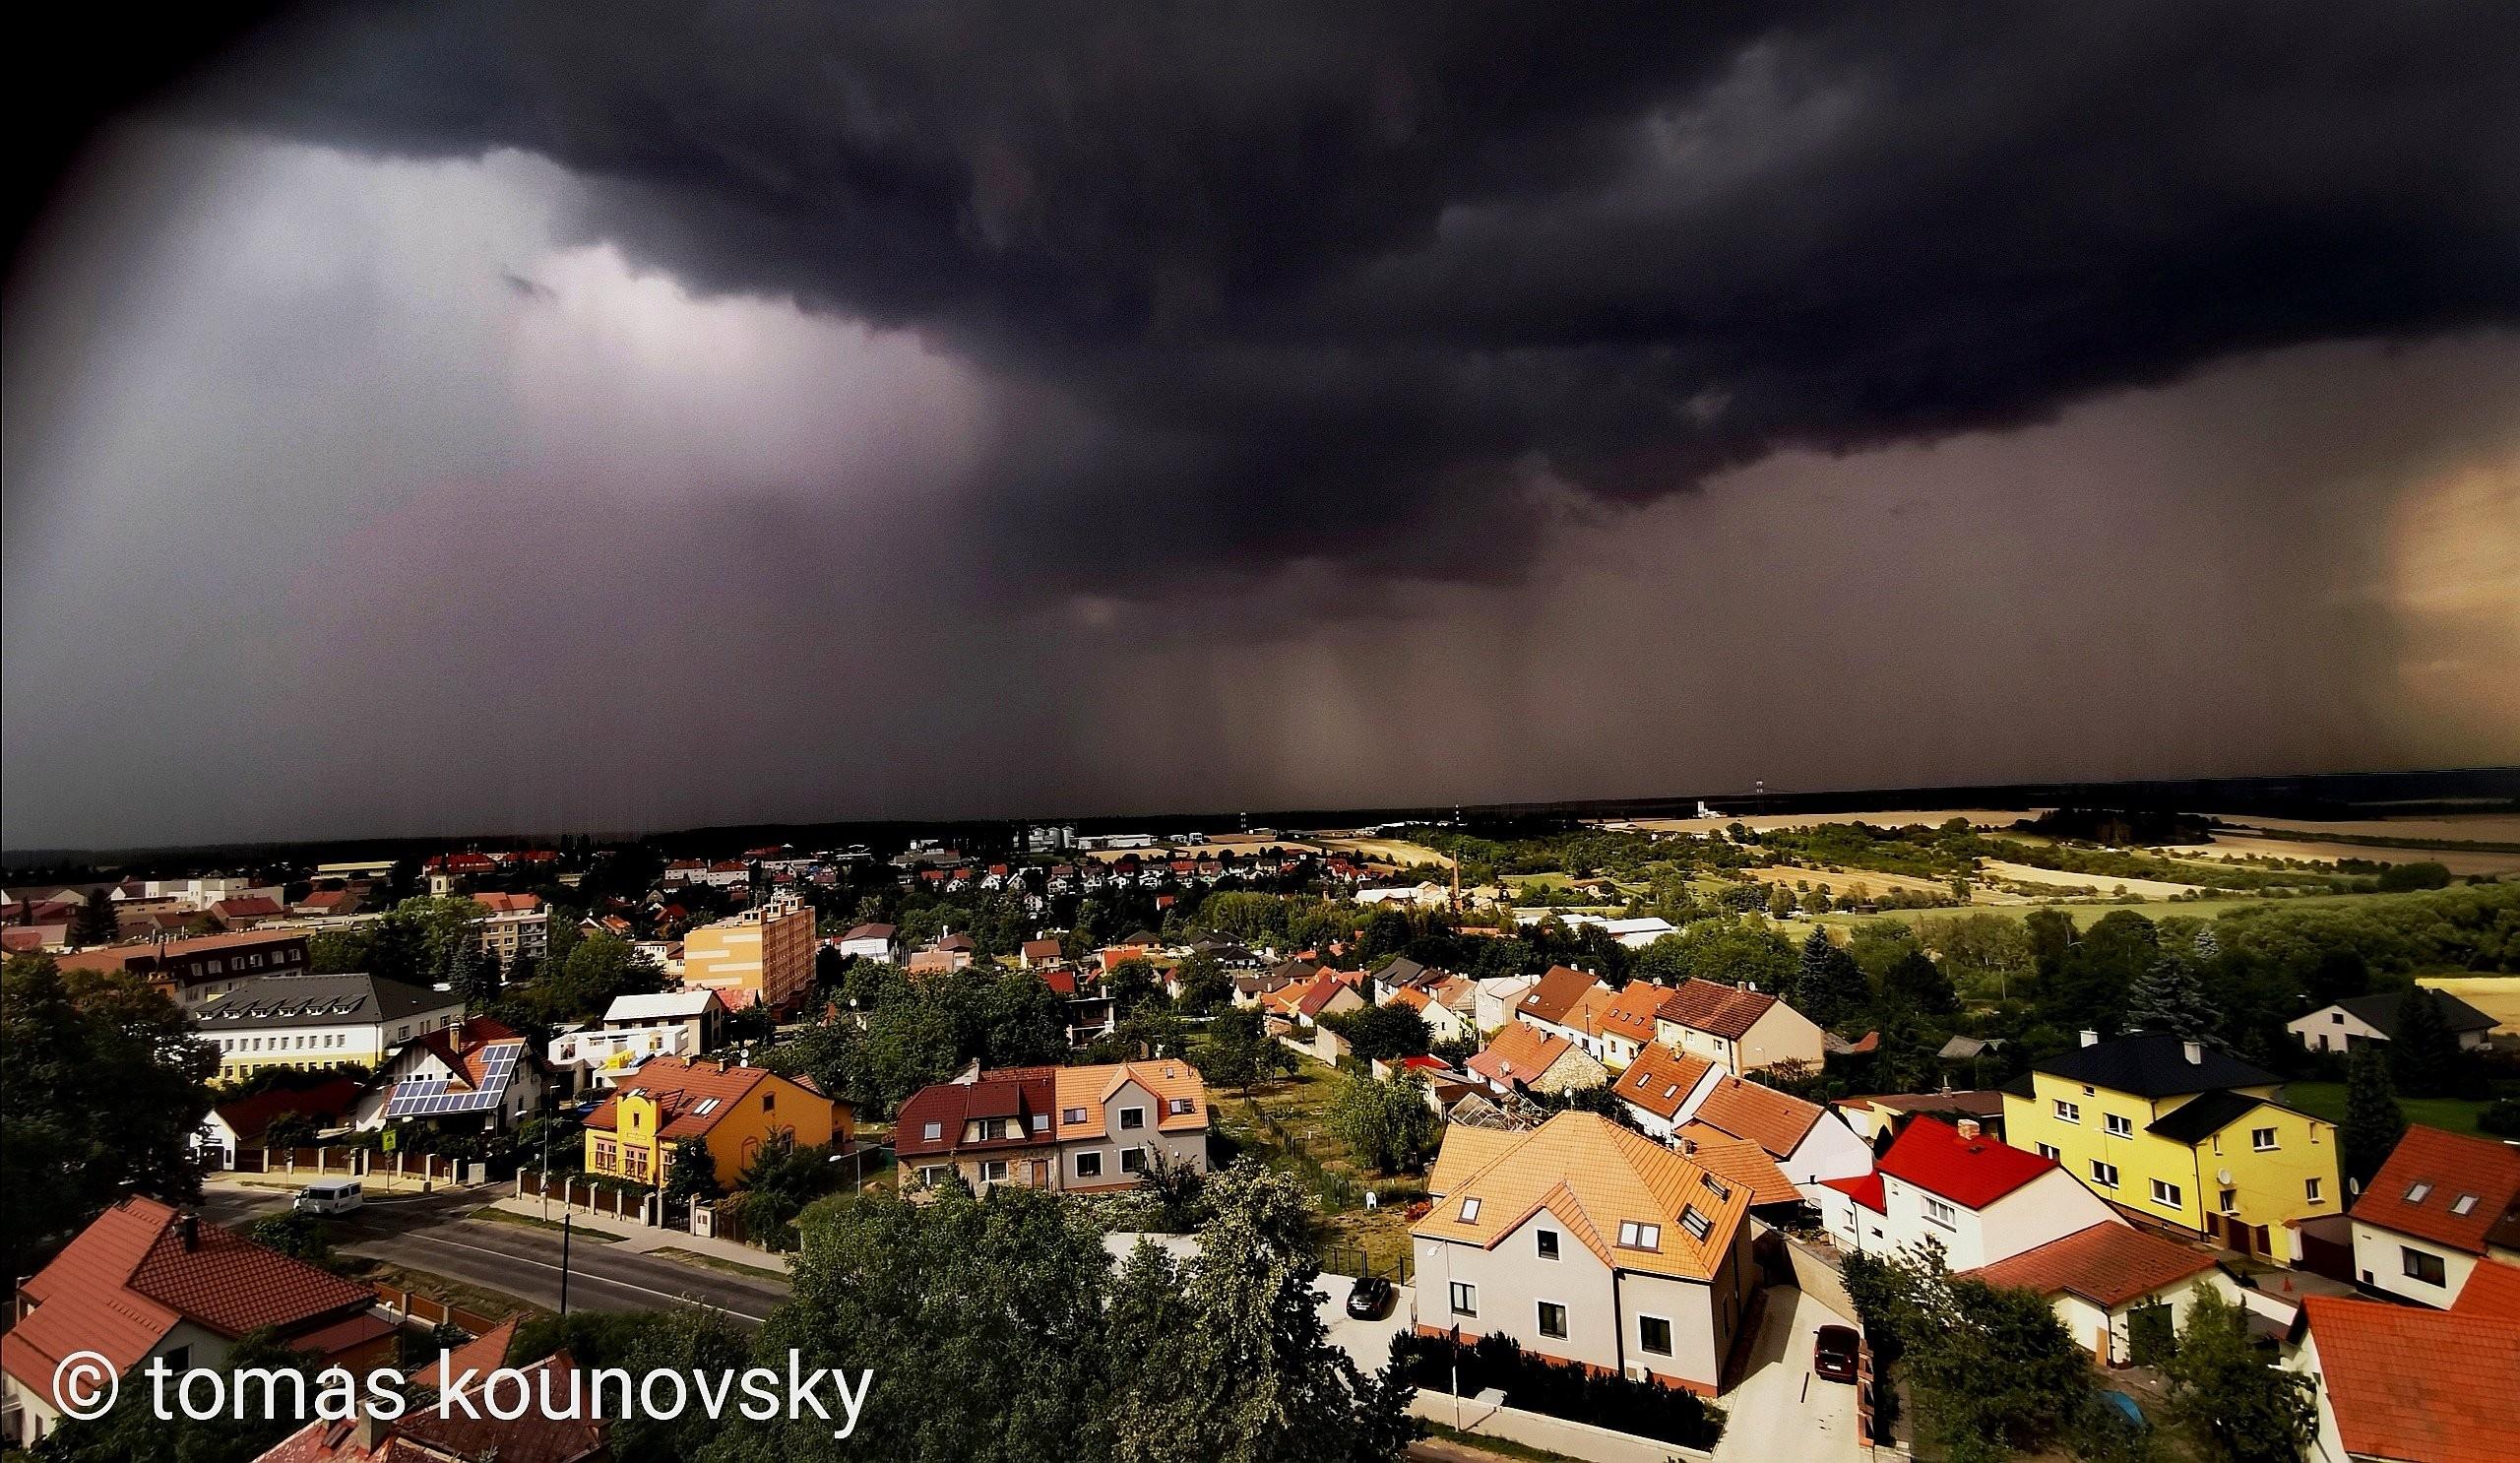 Příchod bouře do Nového Strašecí